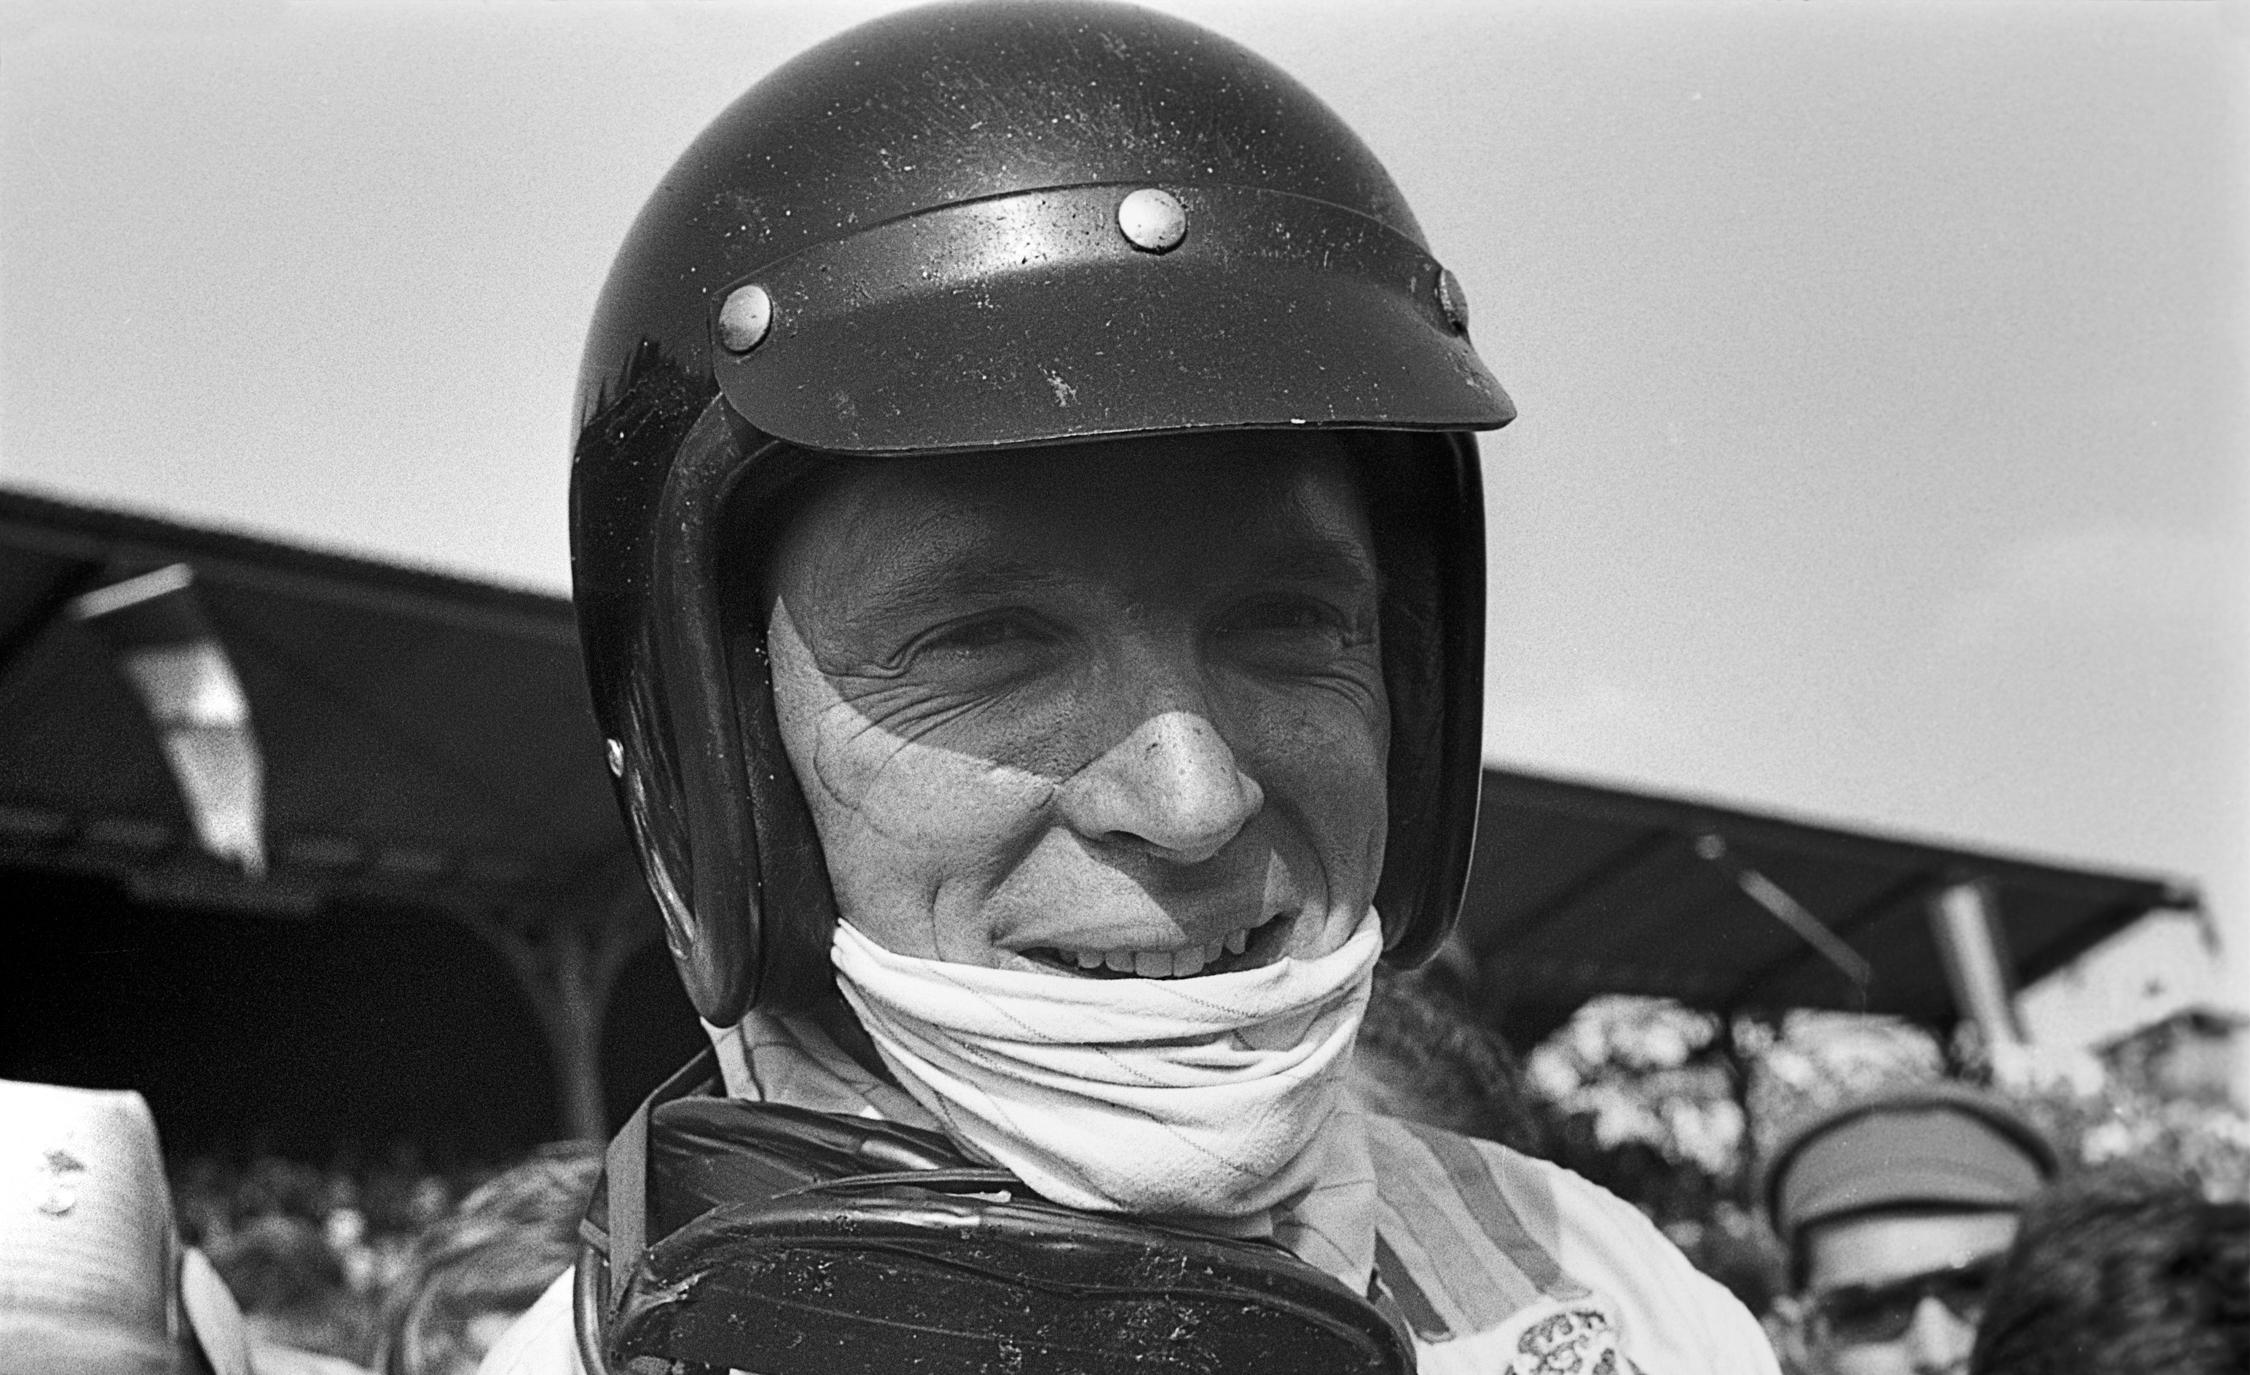 Гонщик, инженер, владелец команды. Дэн Гёрни, величайший человек в истории автоспорта Америки